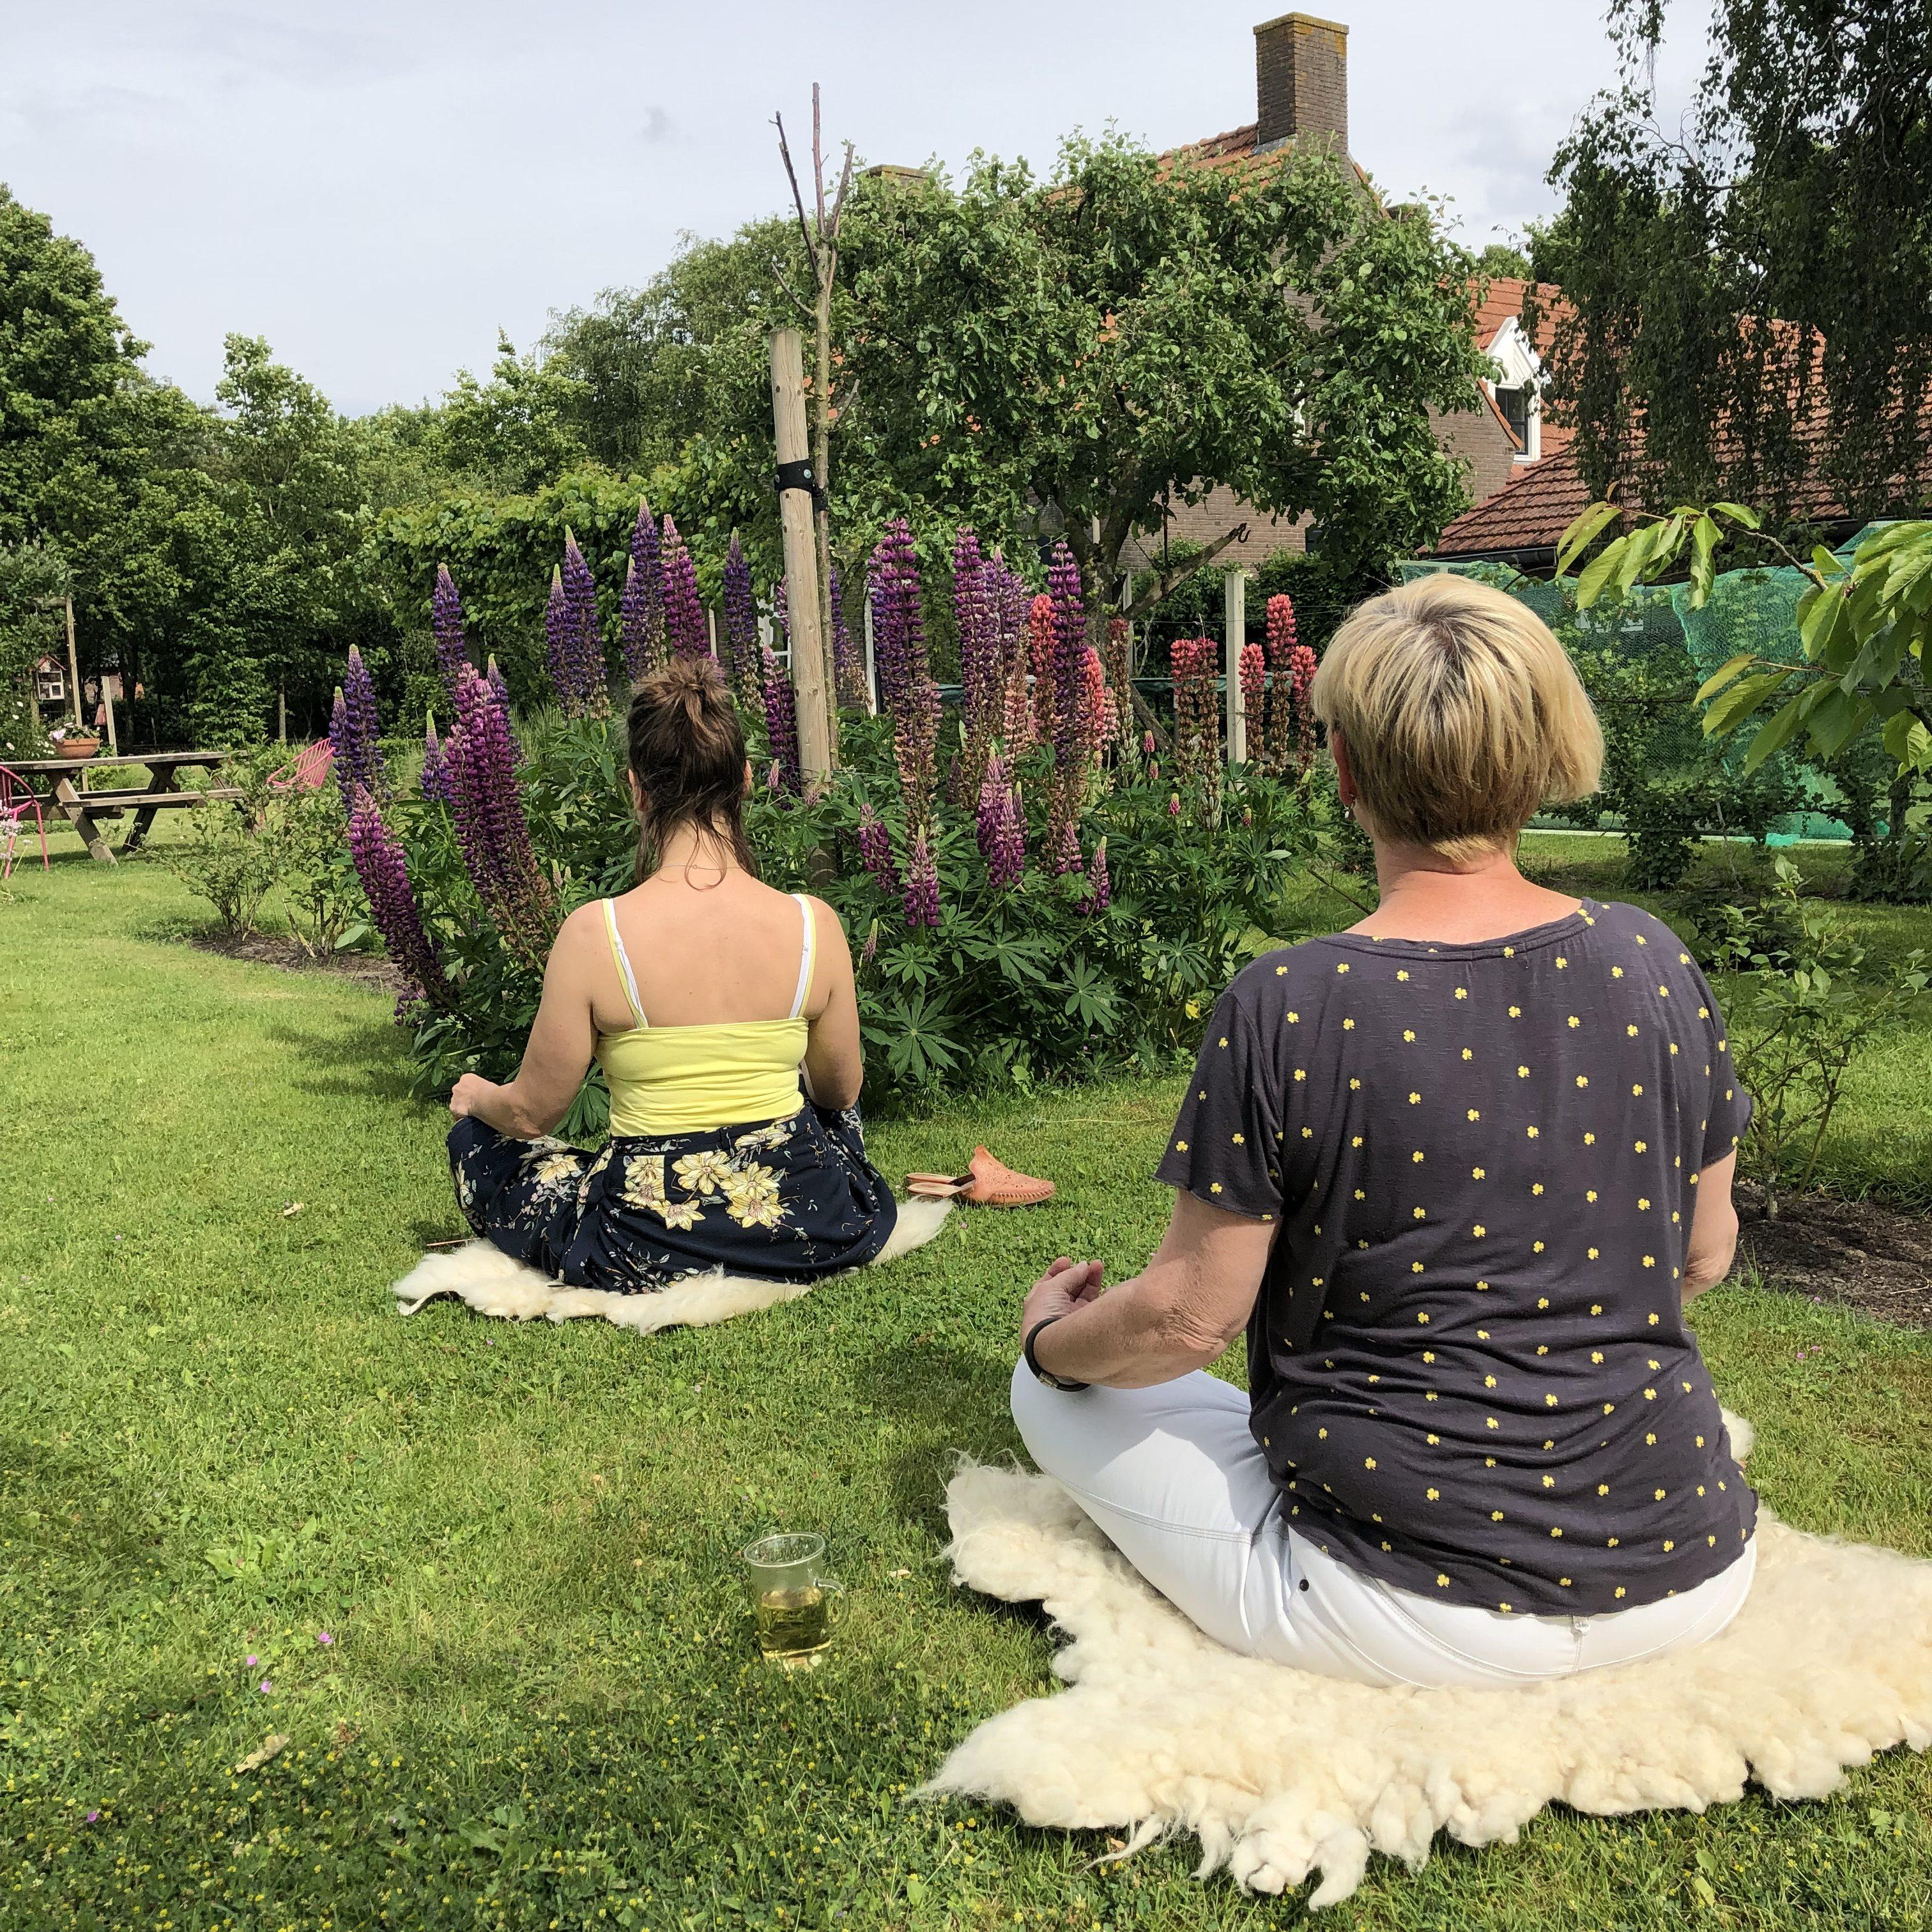 retraite in de tuin